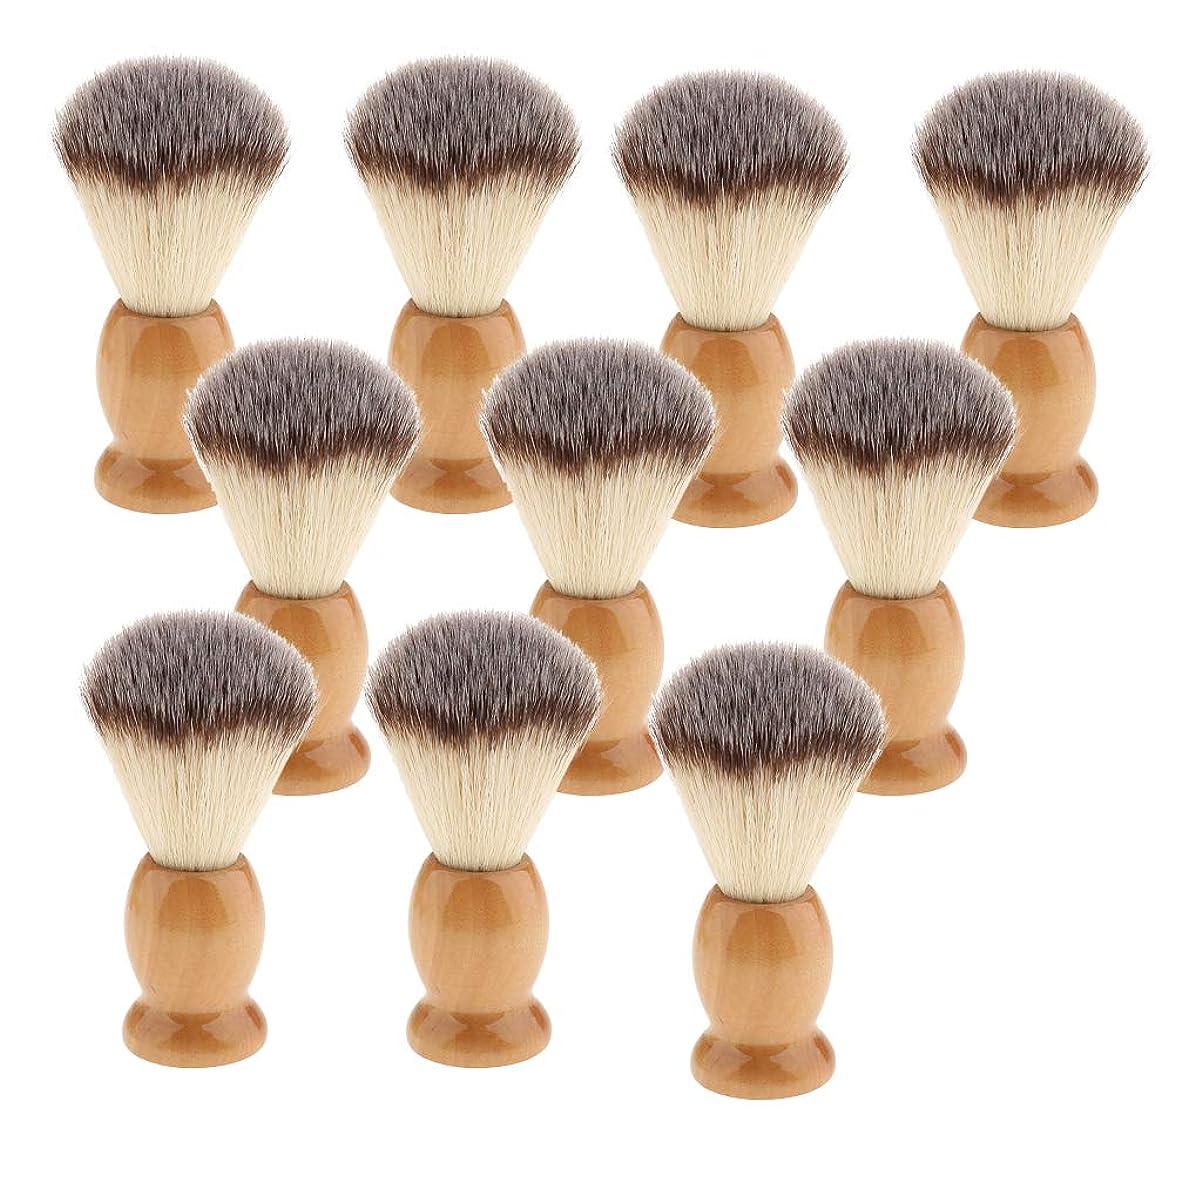 保守的仮称過激派10個 シェービング用ブラシ 手入れ ひげ 木製ハンドル 髭剃り 泡立ち 理容 洗顔